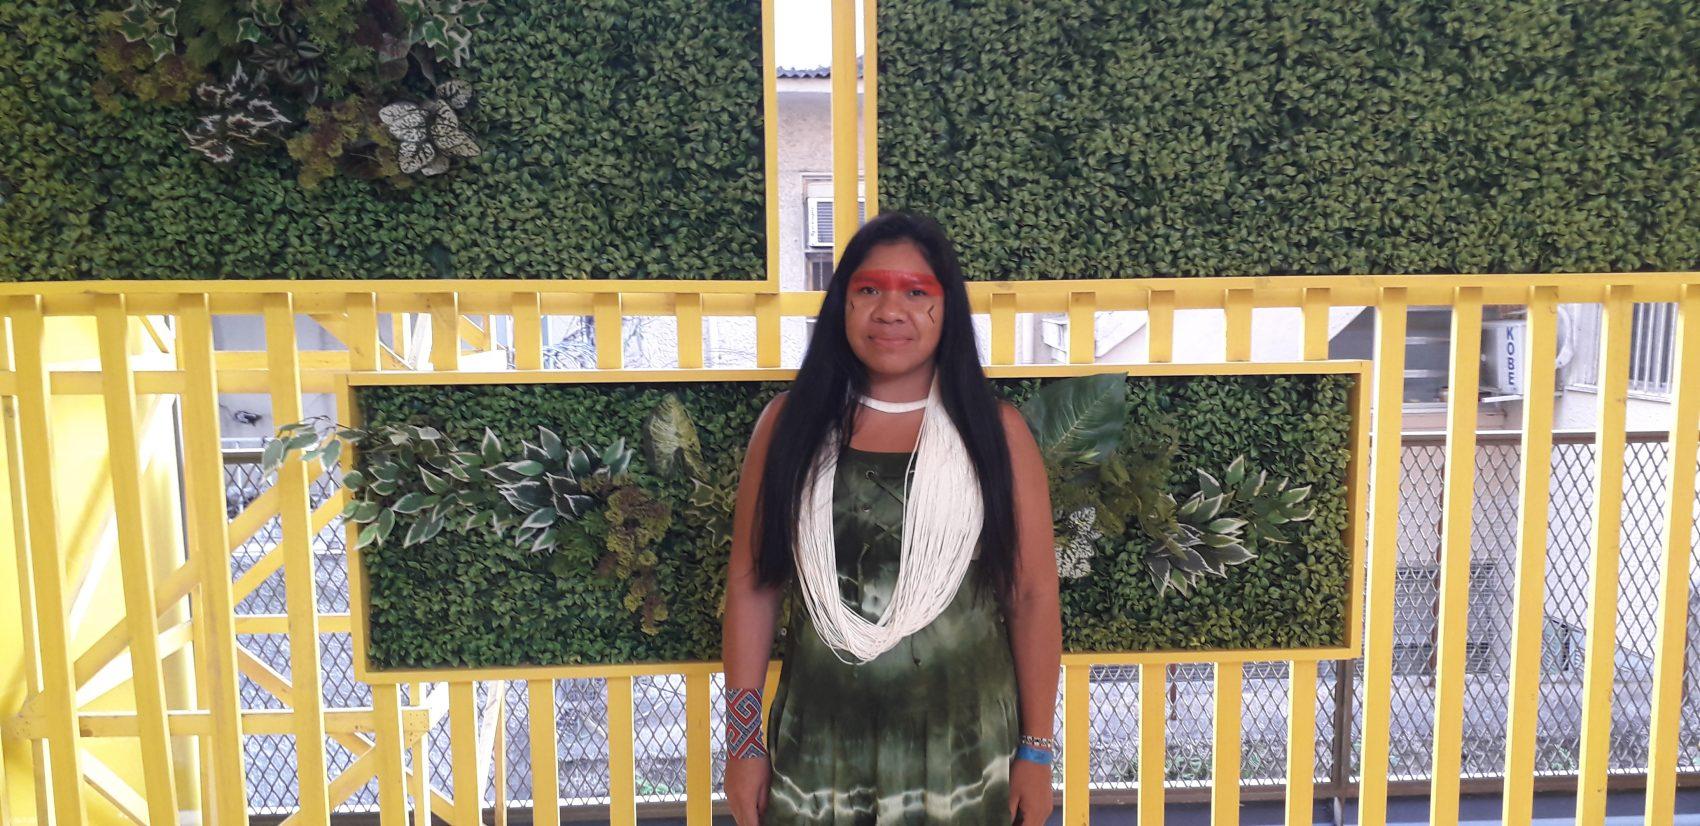 """Anna Terra Yawalapit, diretora da Associação Terra Indígena do Xingu: """"Bolsonaro quer destruir os povos indígenas, mas contribuímos com ar que ele respira"""" (Foto: Lauro Neto)"""